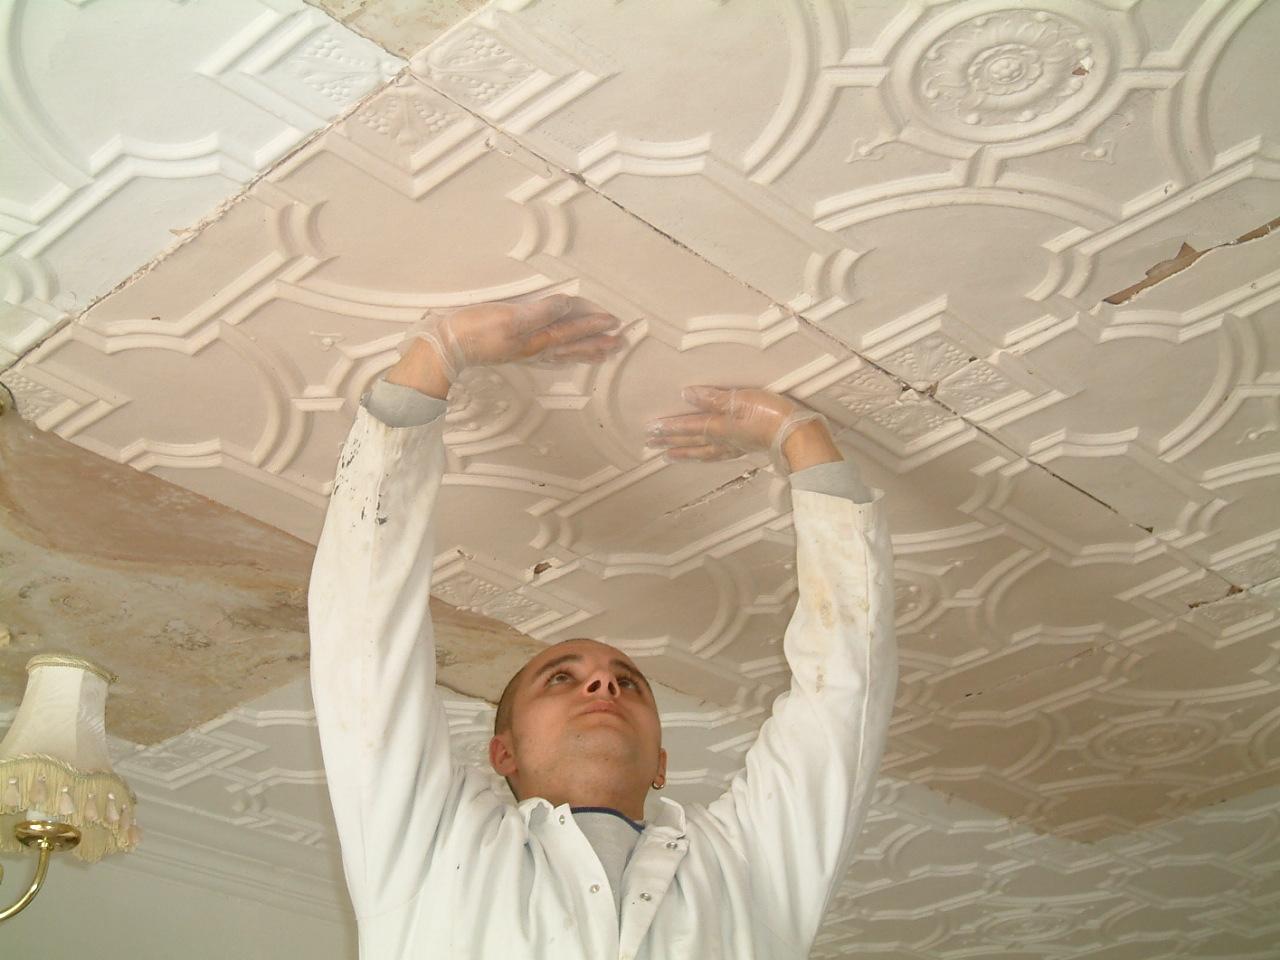 installing plaster tiles